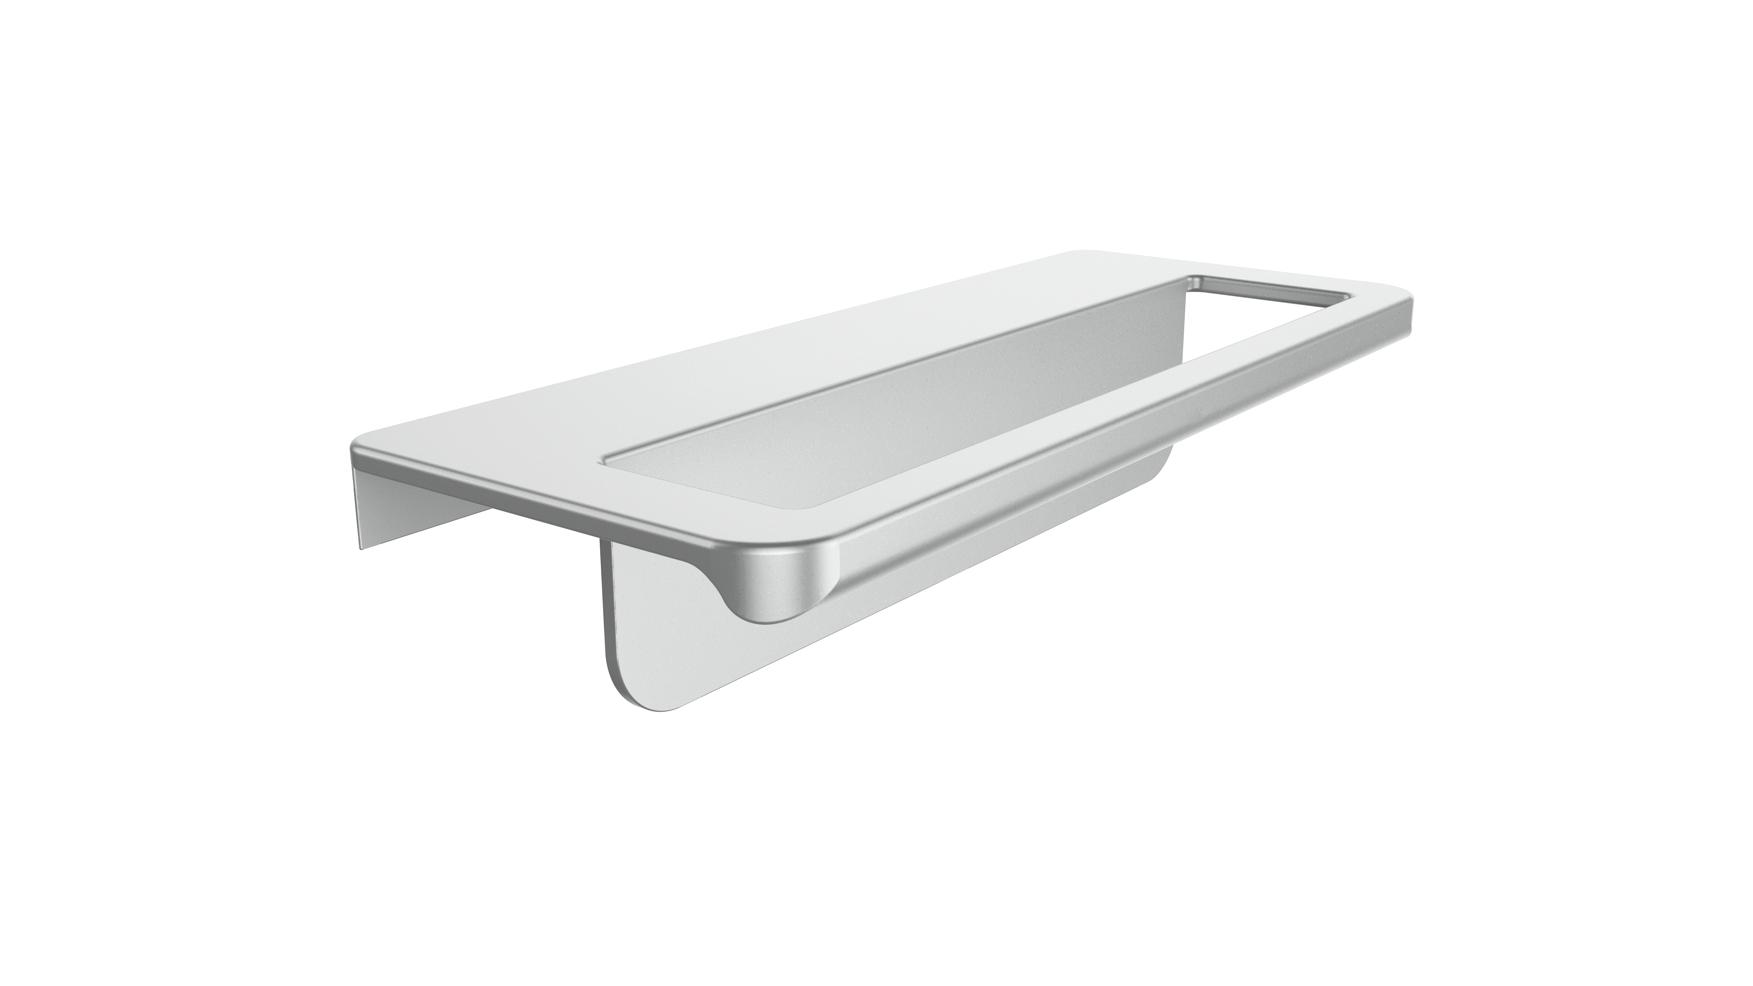 Full Size of Handtuchhalter Arreda Systems Ihr Aluminium Spezialist Aus Küche Eckschrank Gebrauchte Einbauküche Tapeten Für Die Vorratsschrank Regal Getränkekisten Wohnzimmer Handtuchhalter Für Küche